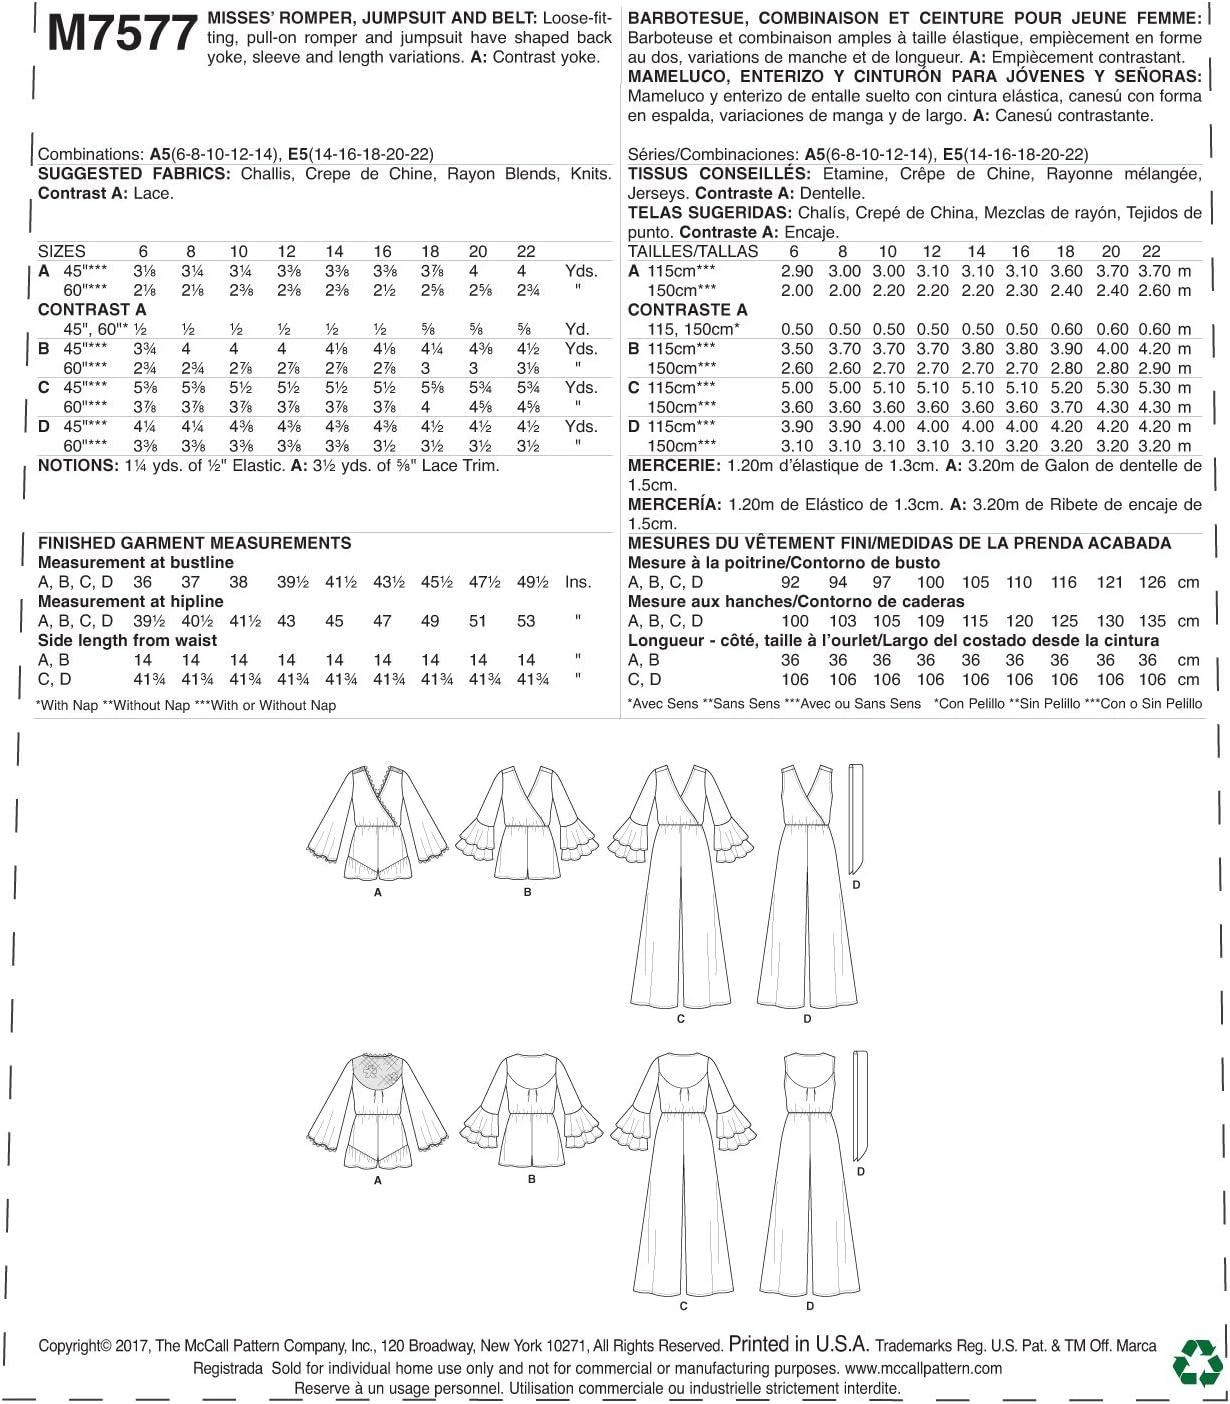 Belt Jumpsuit McCalls Patterns Misses Cross-Bodice Romper